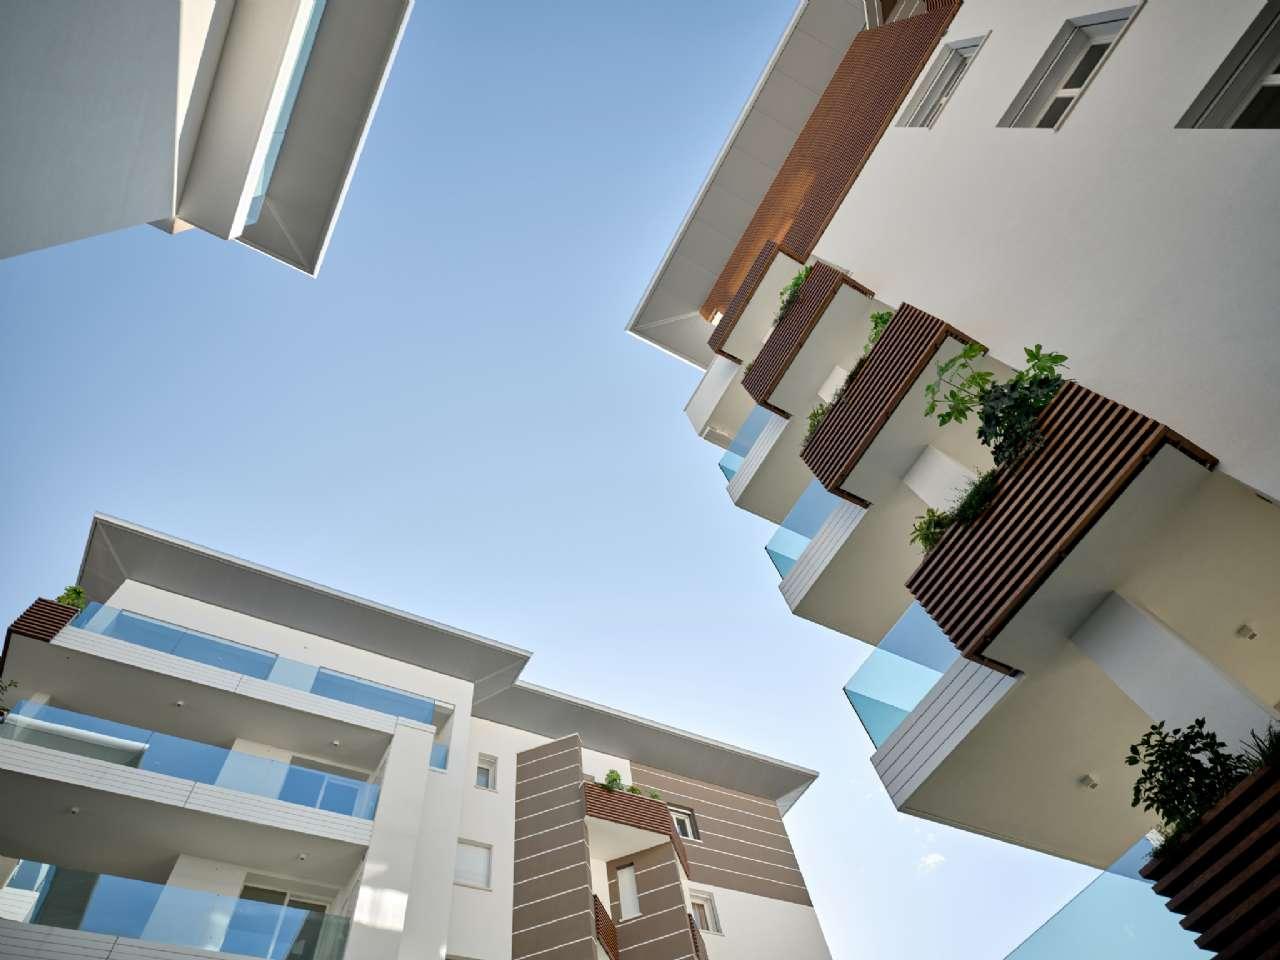 Attico di nuova costruzione, Viale San Marco, Mestre Centro, Venezia, foto 19